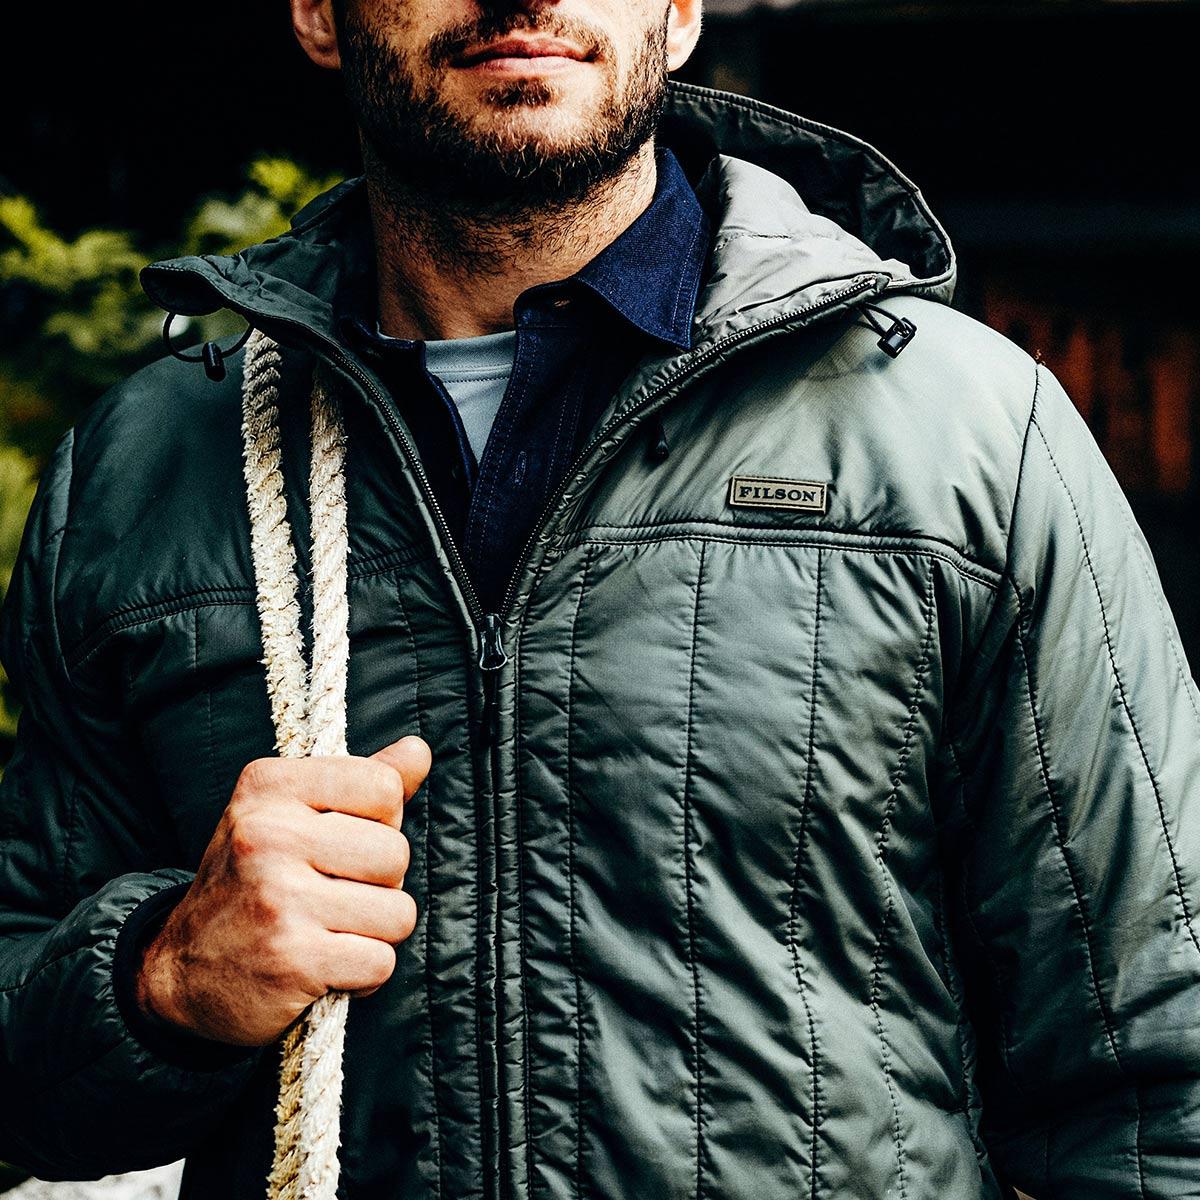 Filson Ultra Light Hooded Jacket Olive Gray, perfekt als äußere Schicht oder unter einer Jacke für Wärme bei extremer Kälte